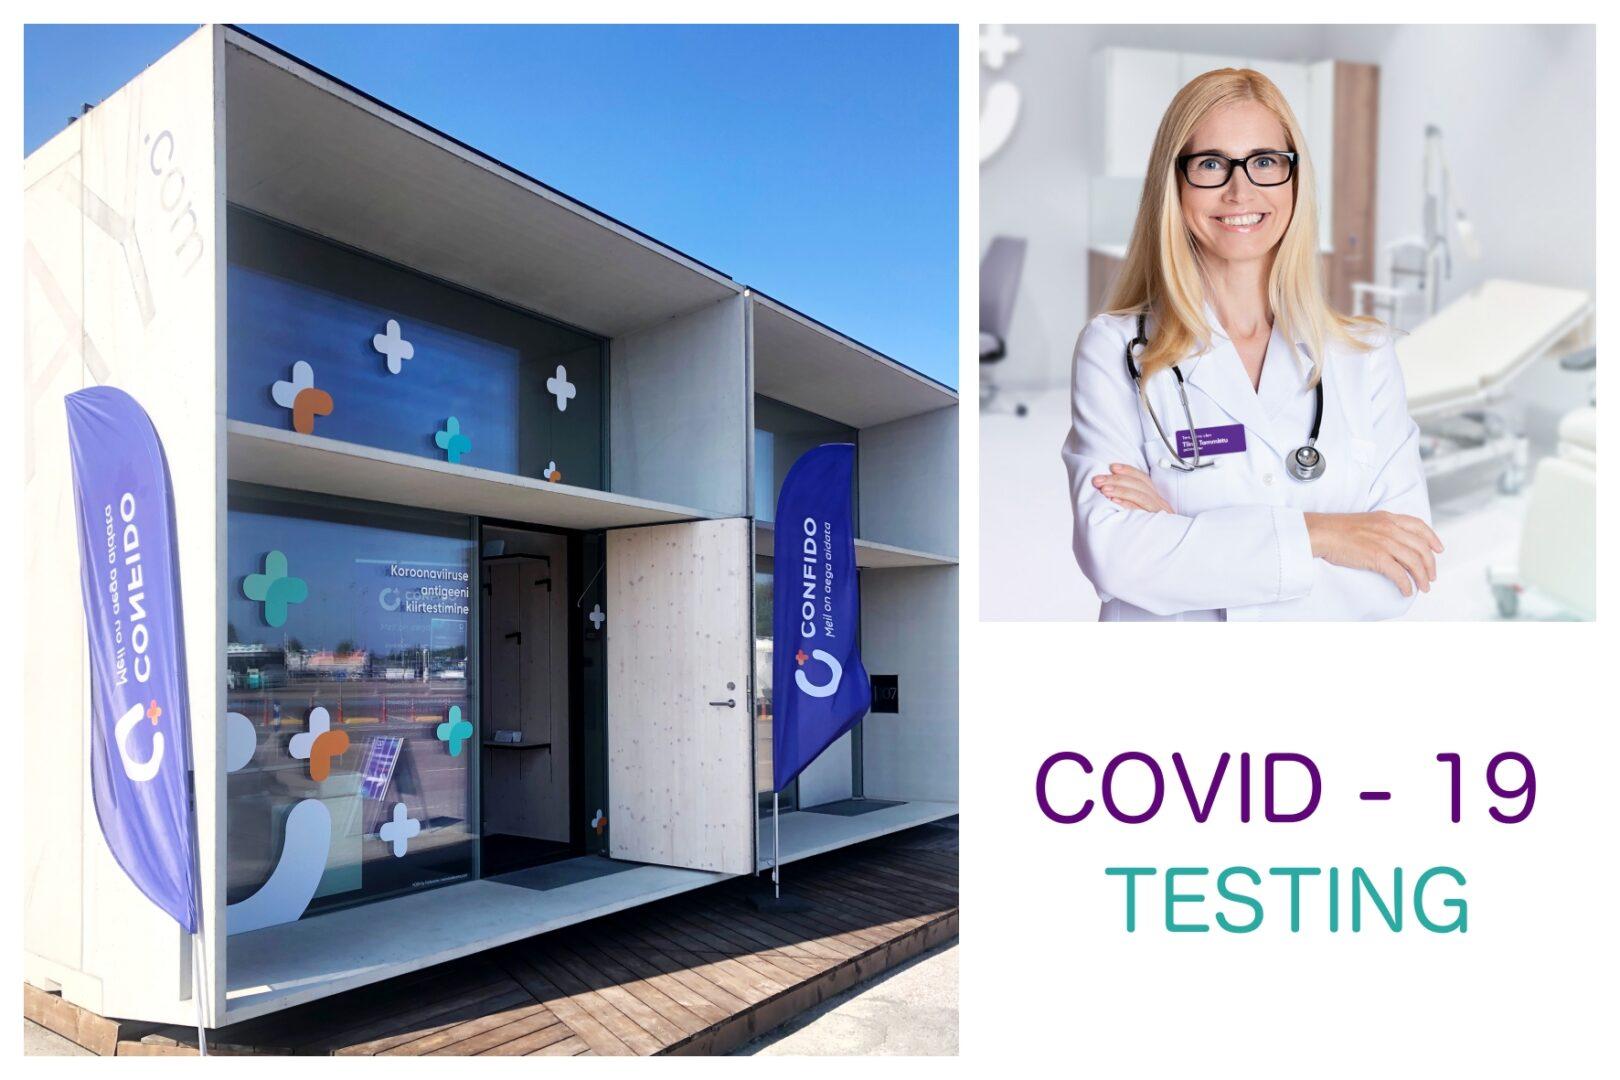 Covid testing in KODA